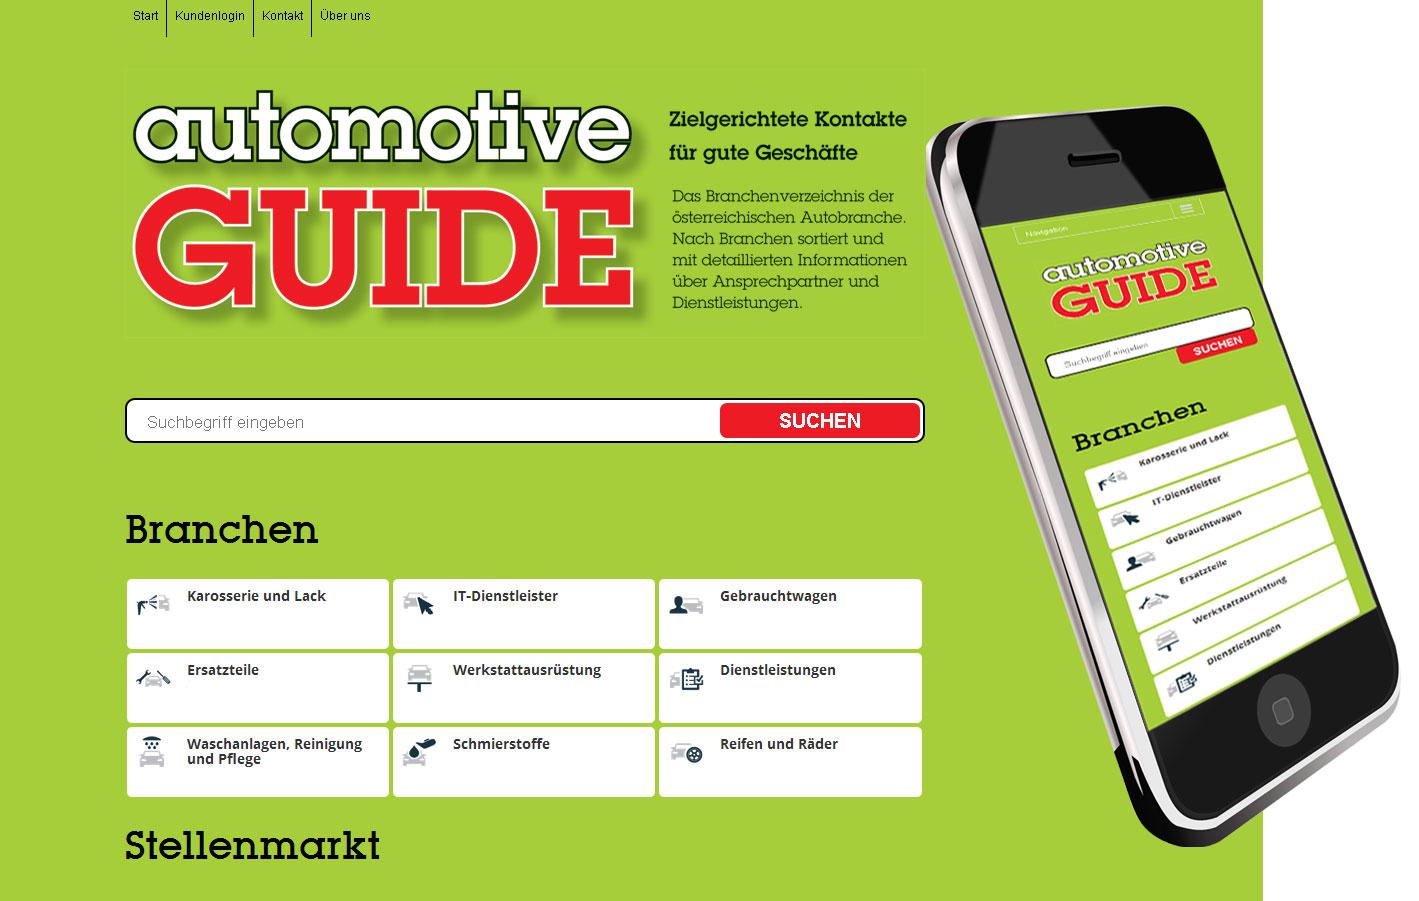 Webkatalog für Automotve Guide